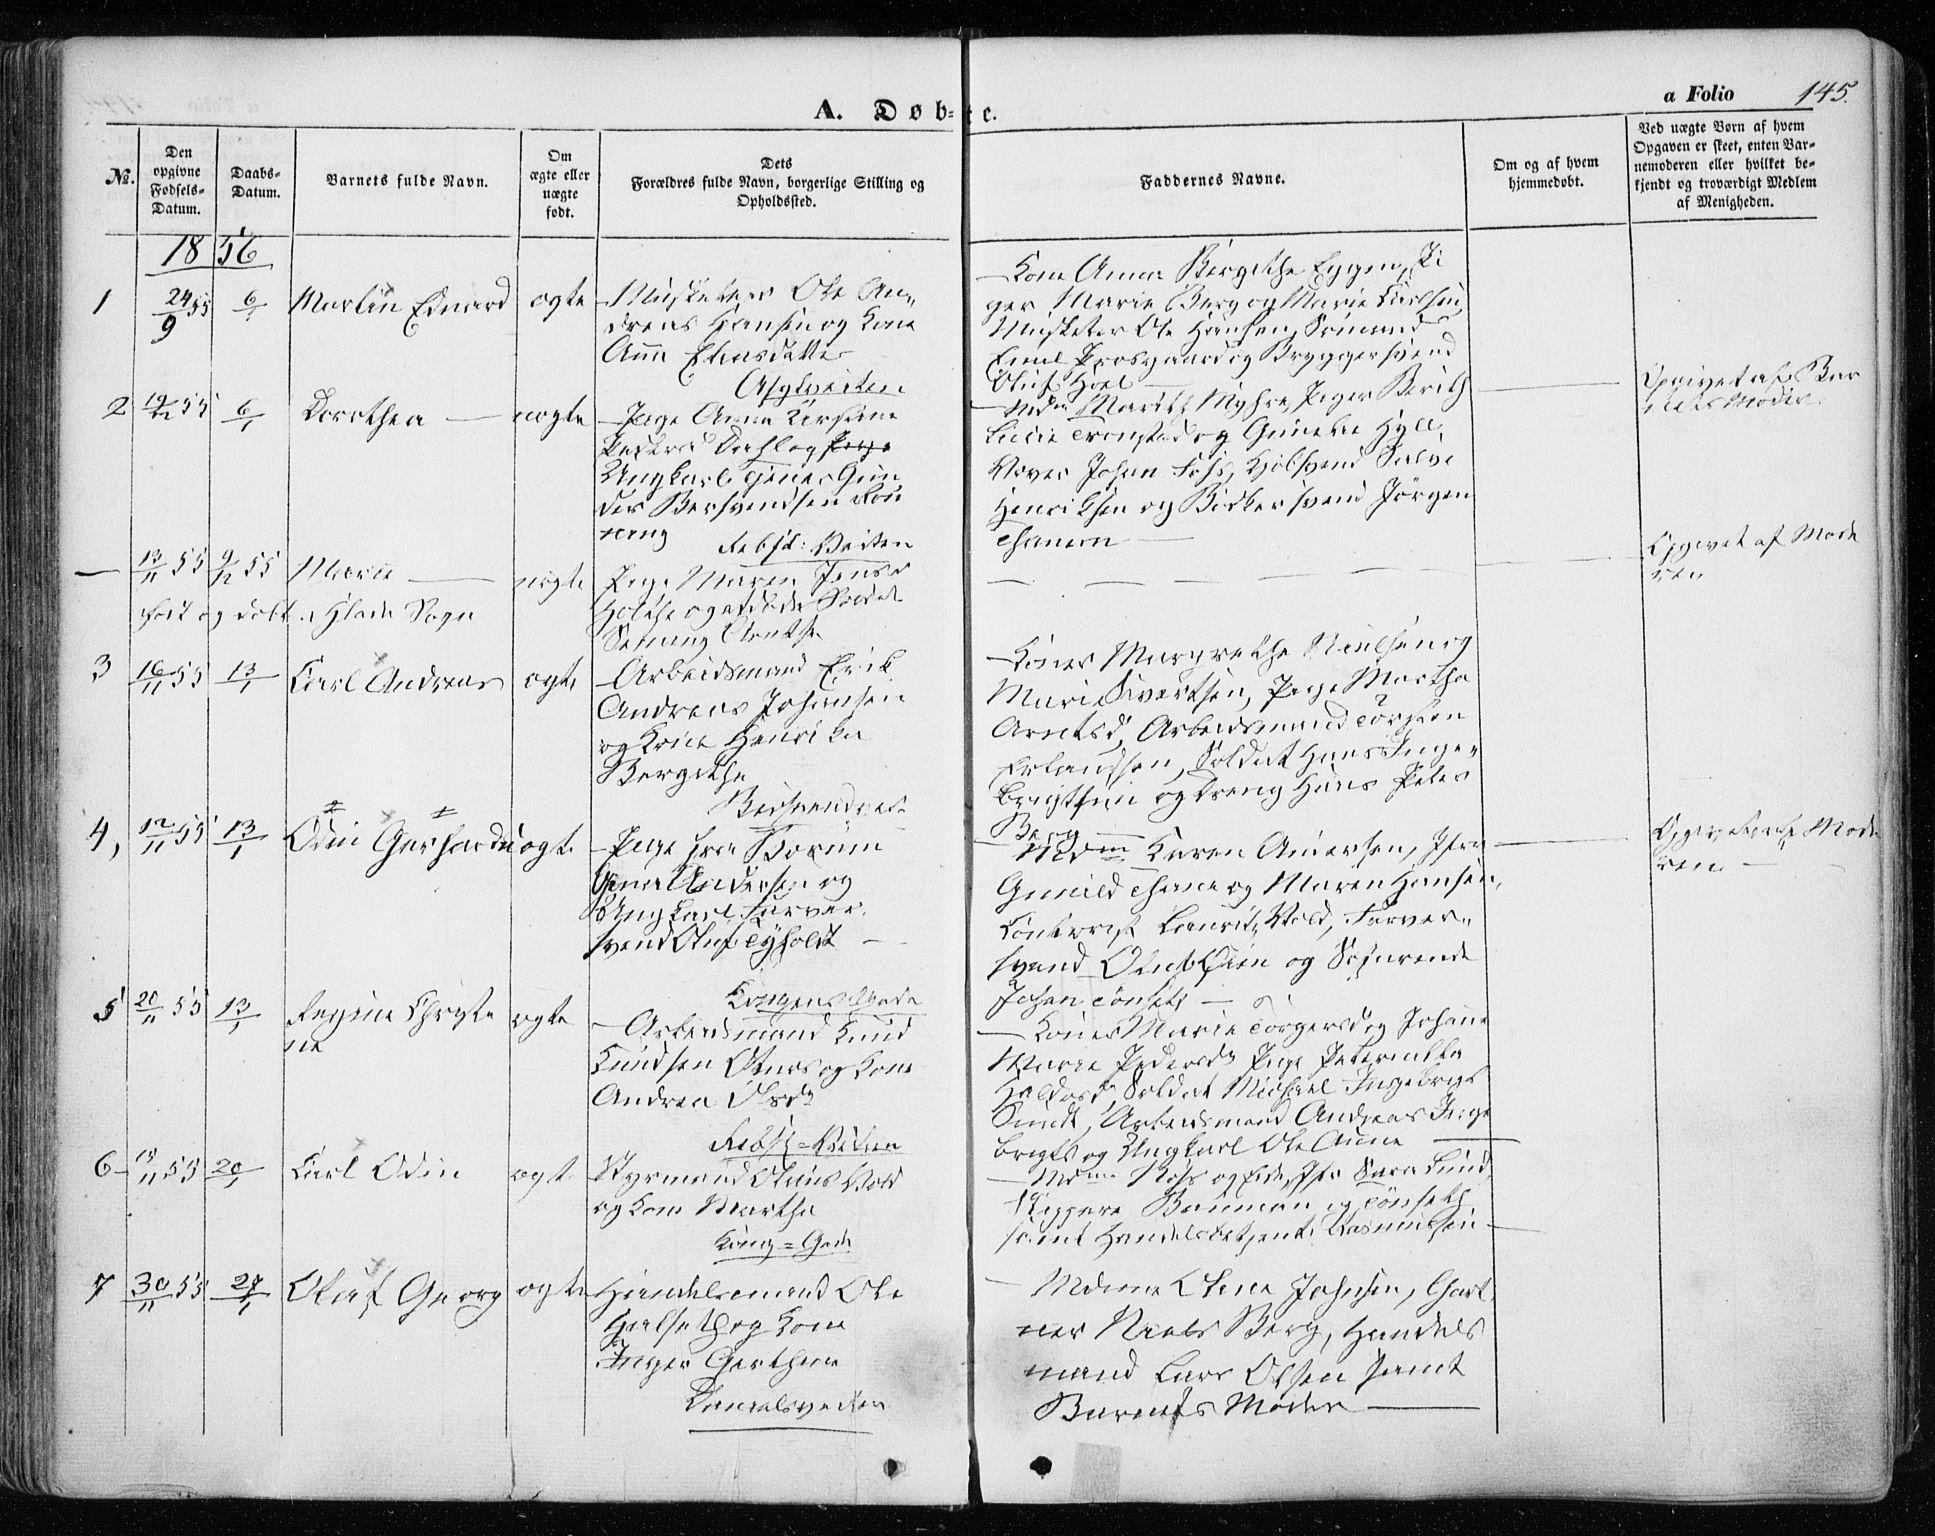 SAT, Ministerialprotokoller, klokkerbøker og fødselsregistre - Sør-Trøndelag, 601/L0051: Ministerialbok nr. 601A19, 1848-1857, s. 145